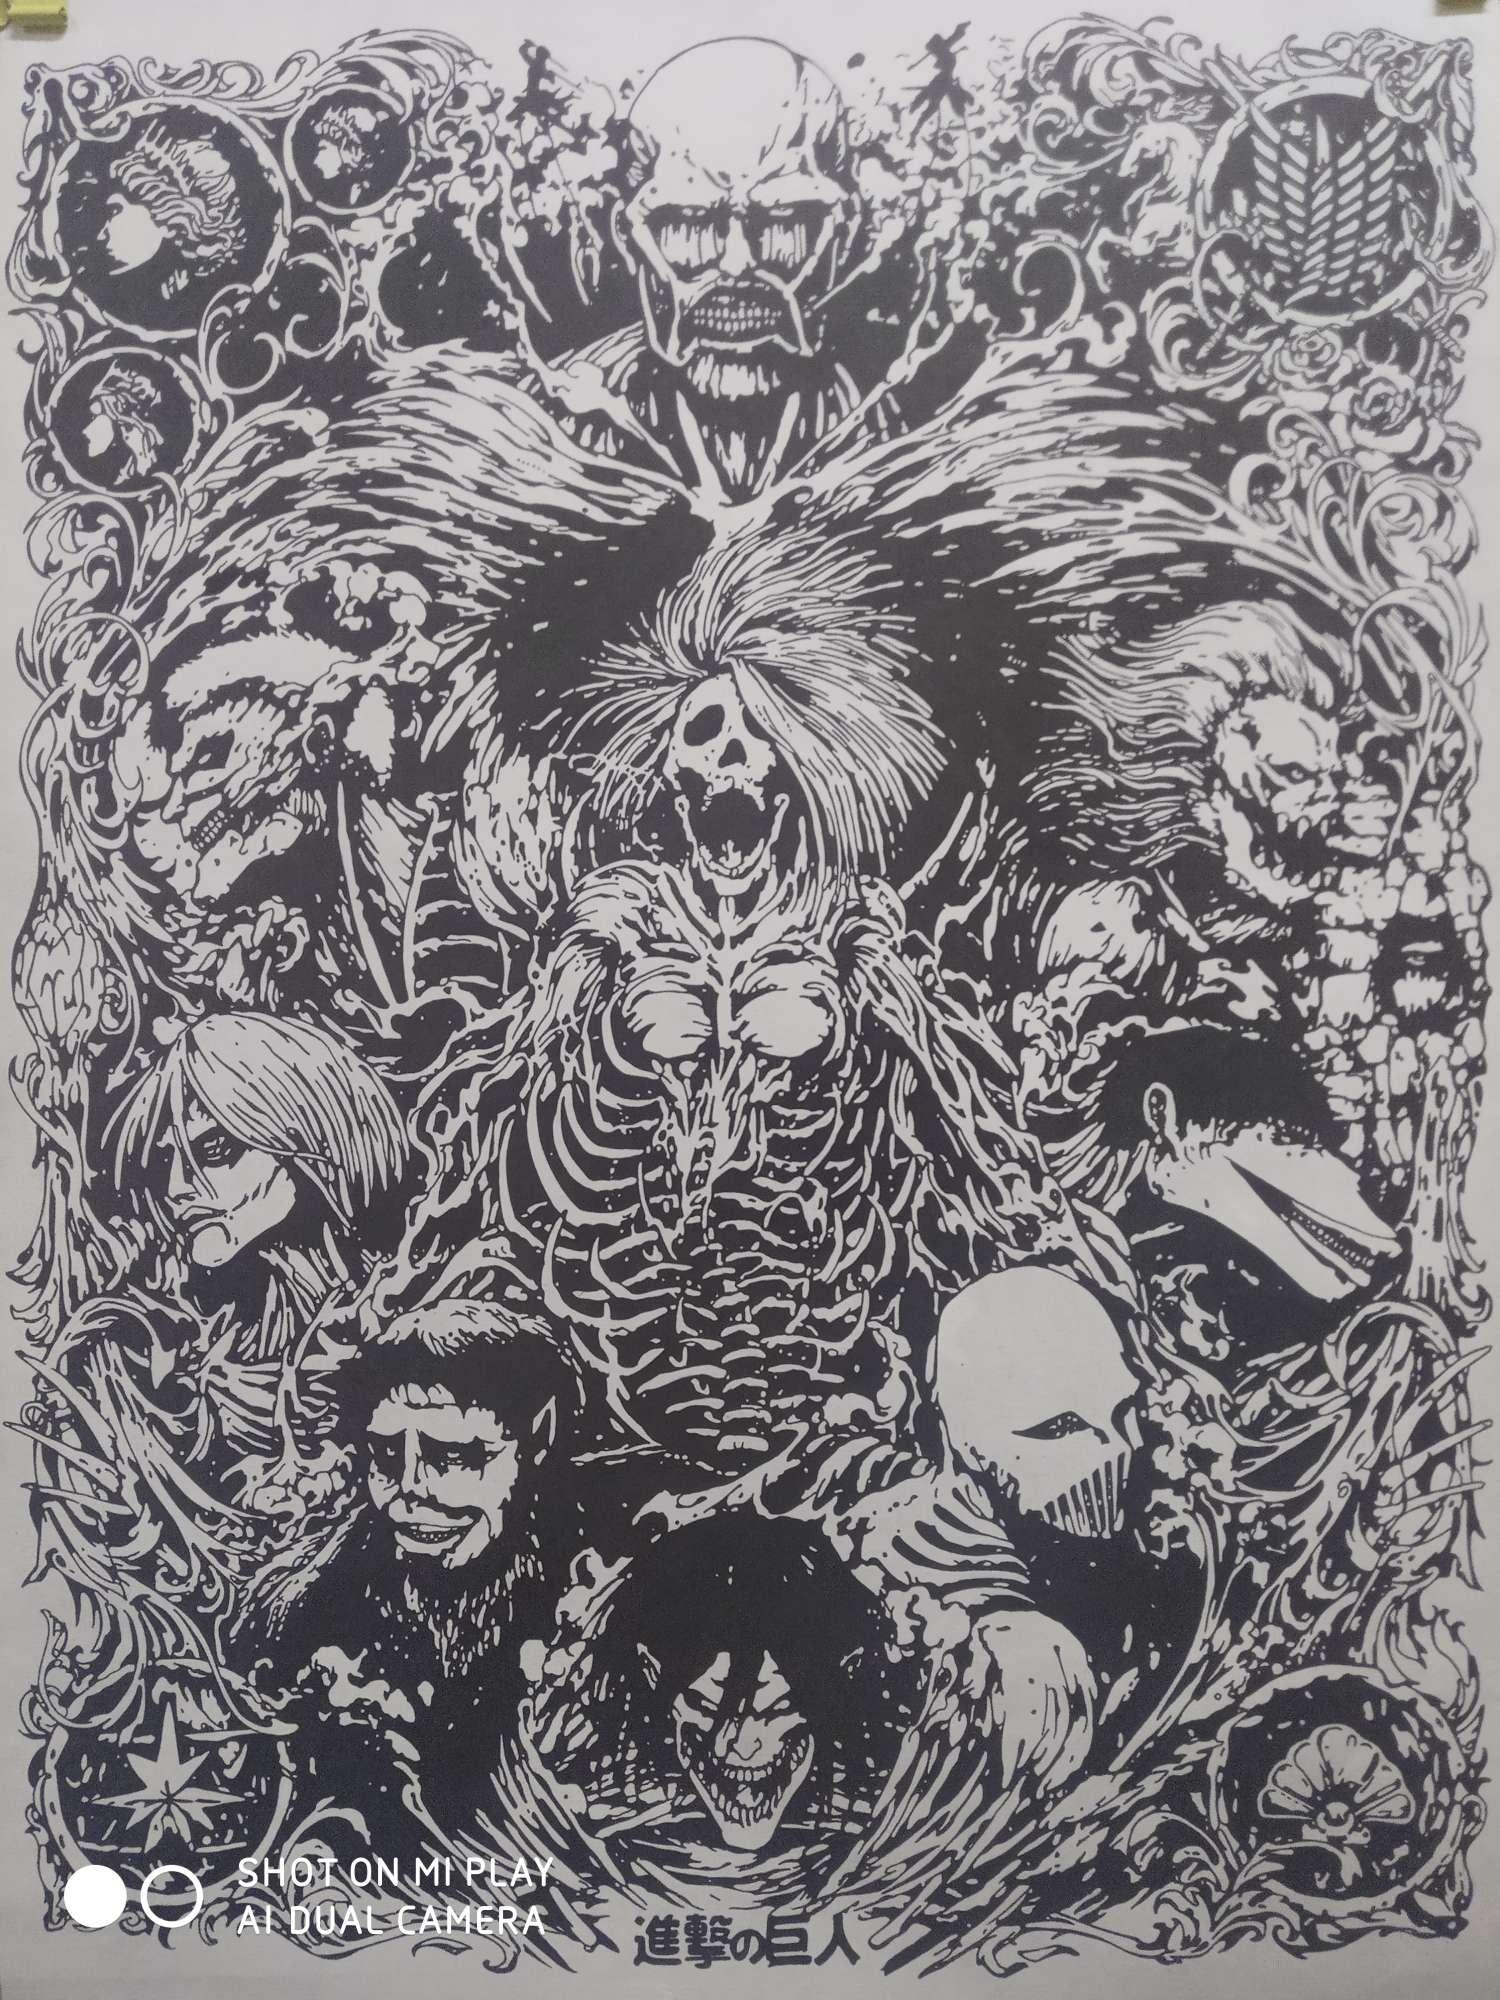 【手绘】【黑白画】进击的巨人-小柚妹站